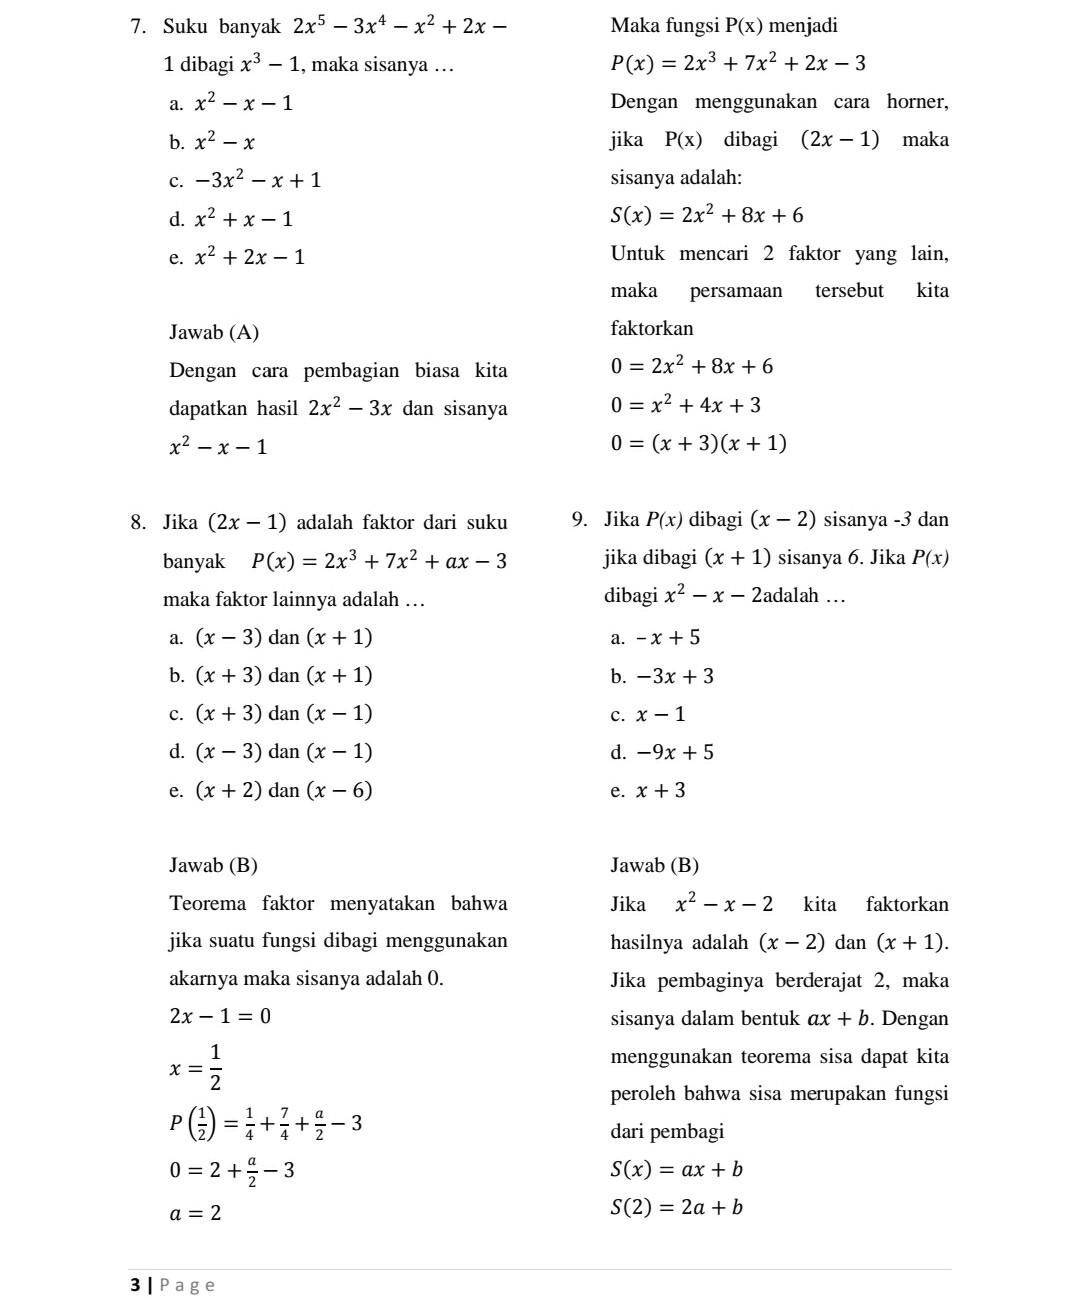 Soal Matematika Wajib Kelas 11 Semester 2 Dan Pembahasannya Kunci Dunia